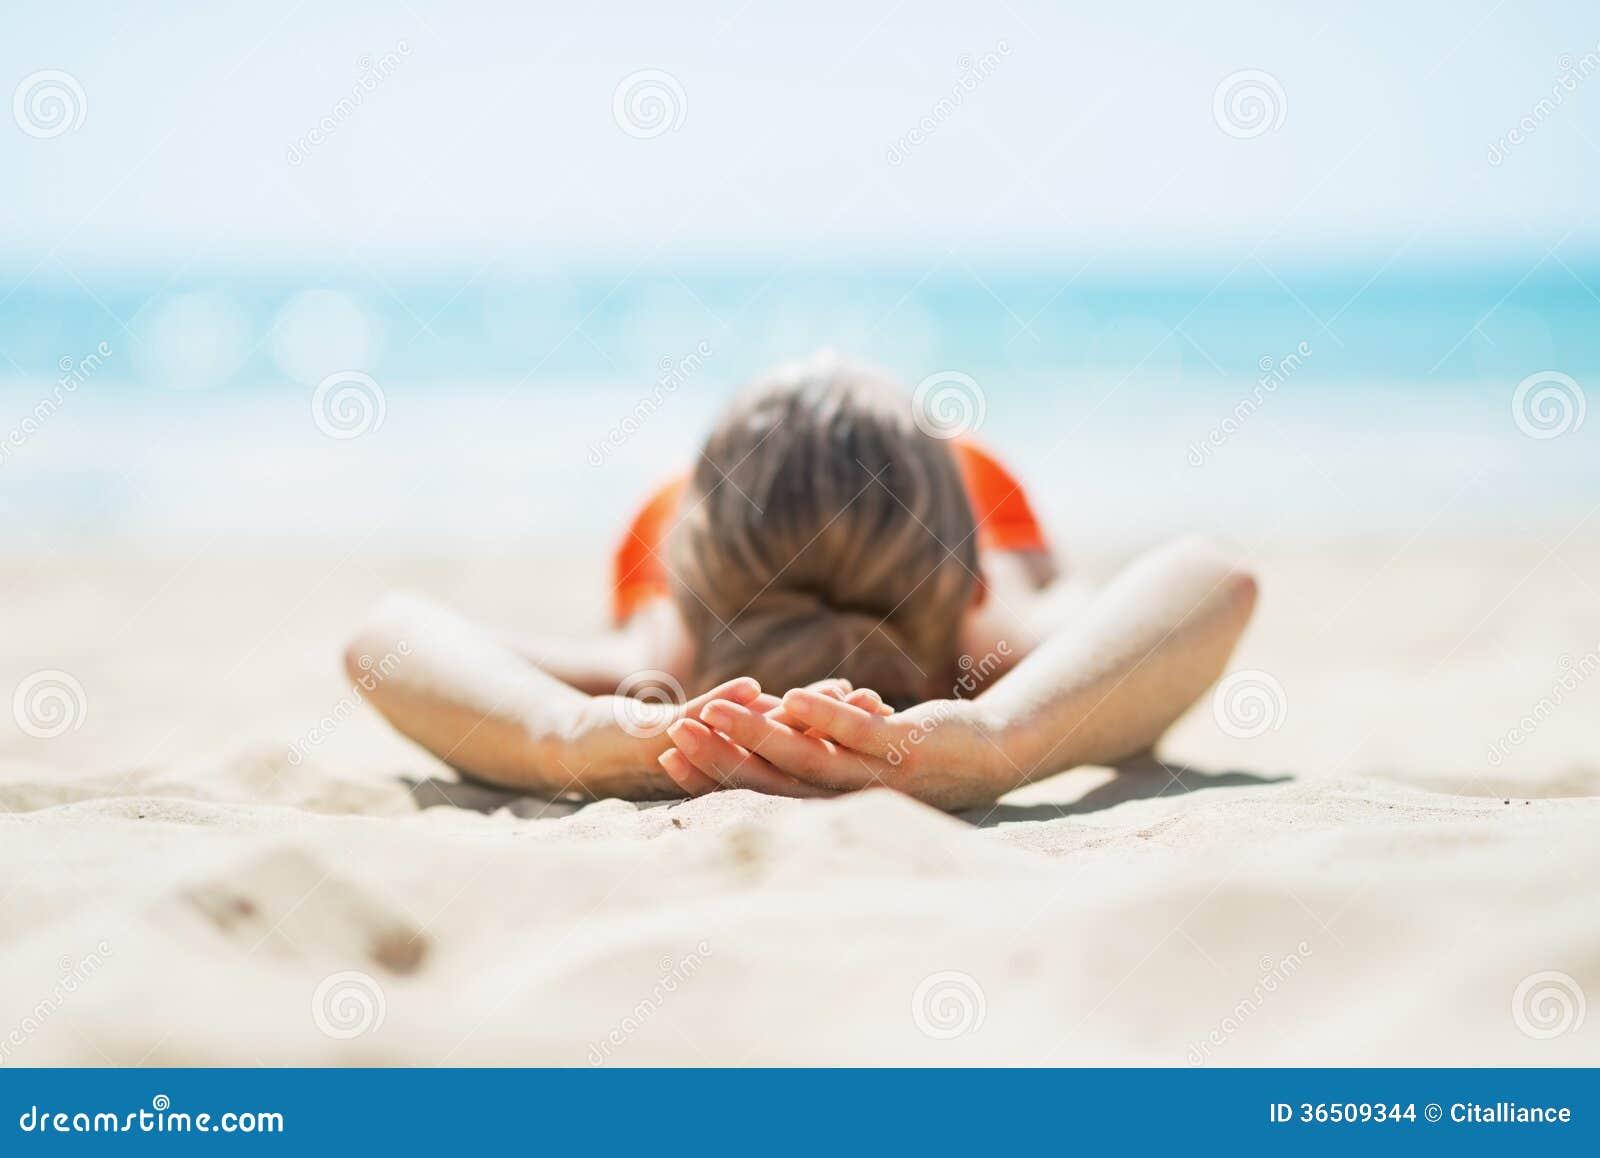 Молодая женщина кладя на пляж. вид сзади